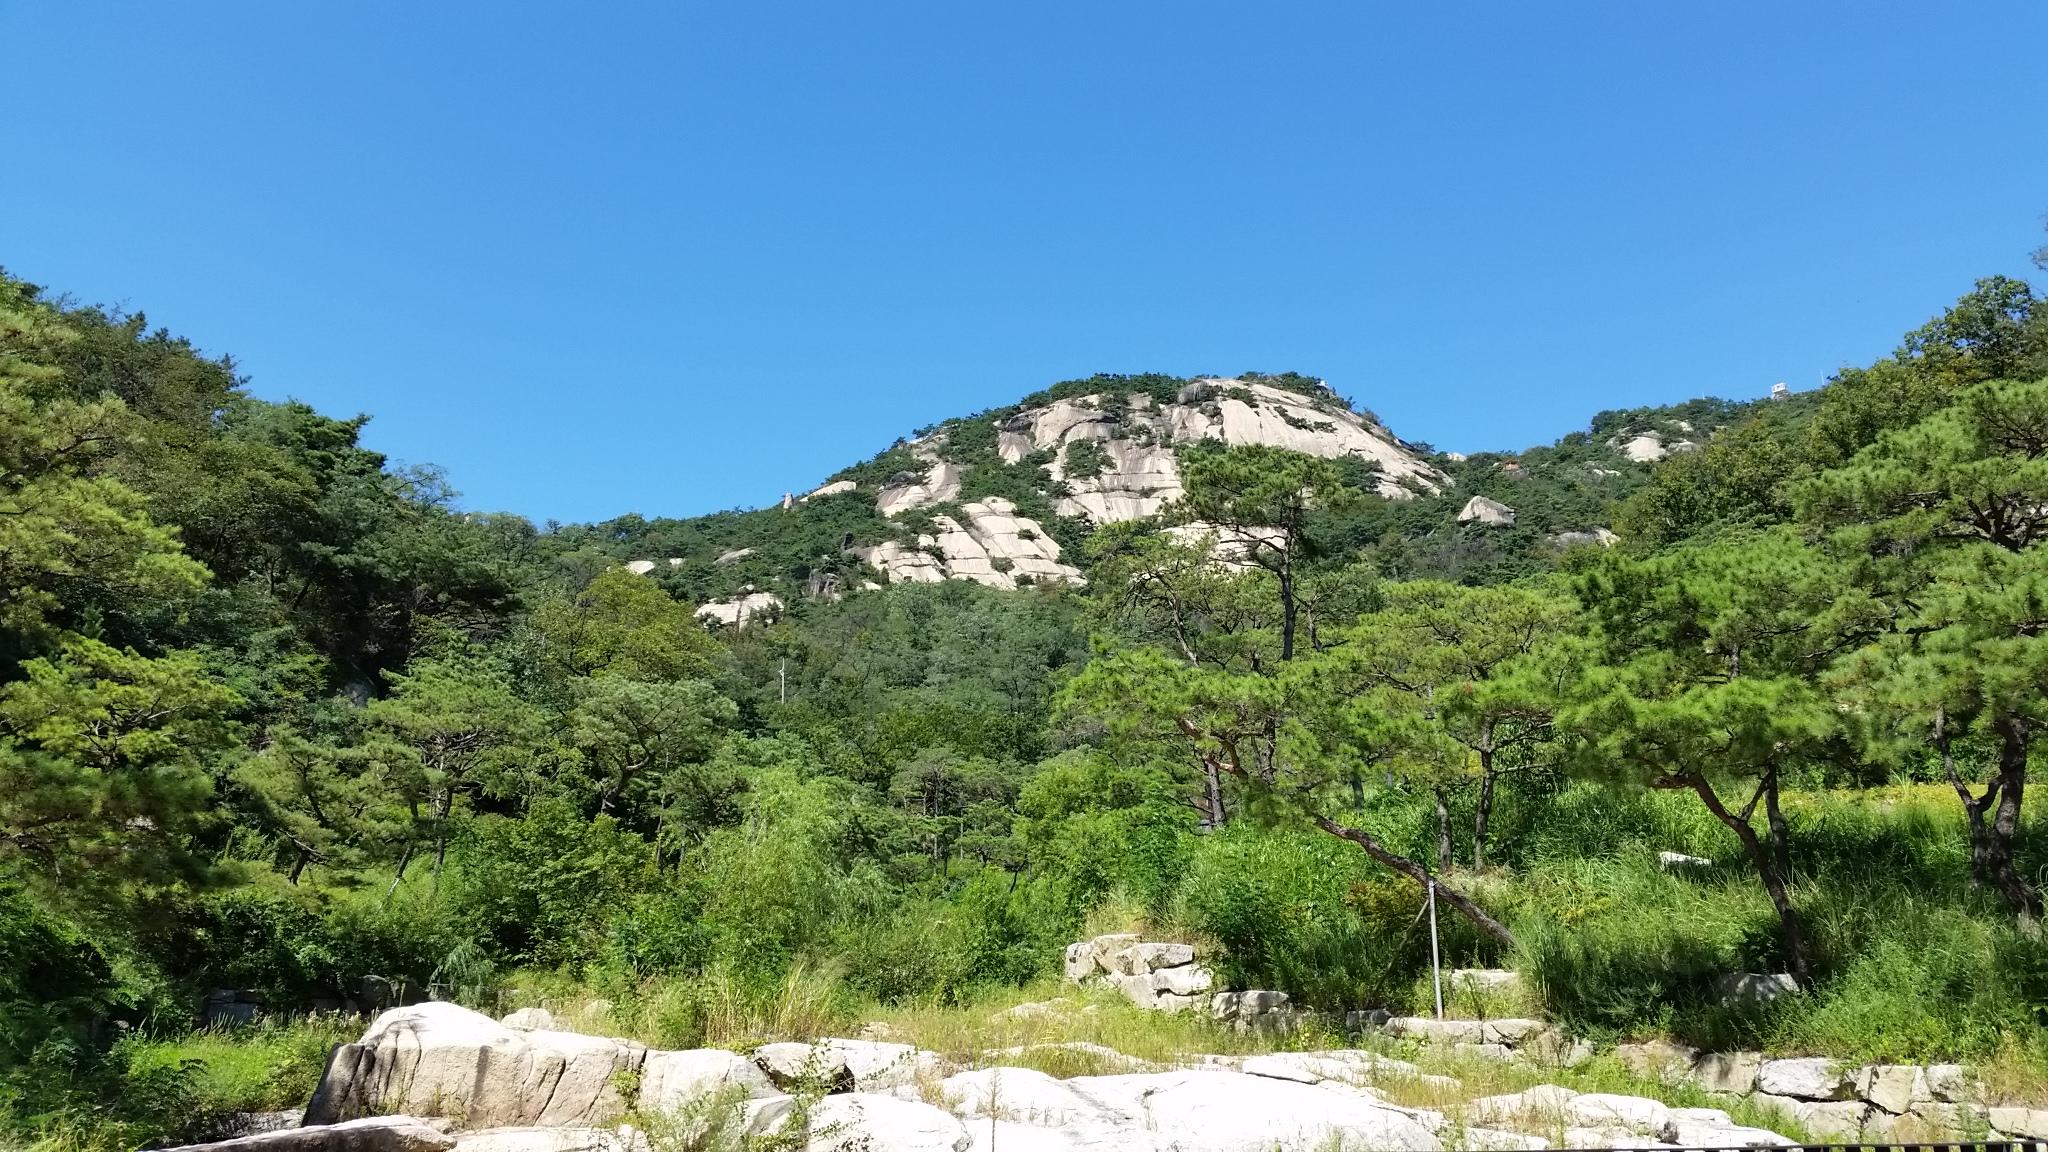 仁王山(イナンサン)の麓の山道を歩く